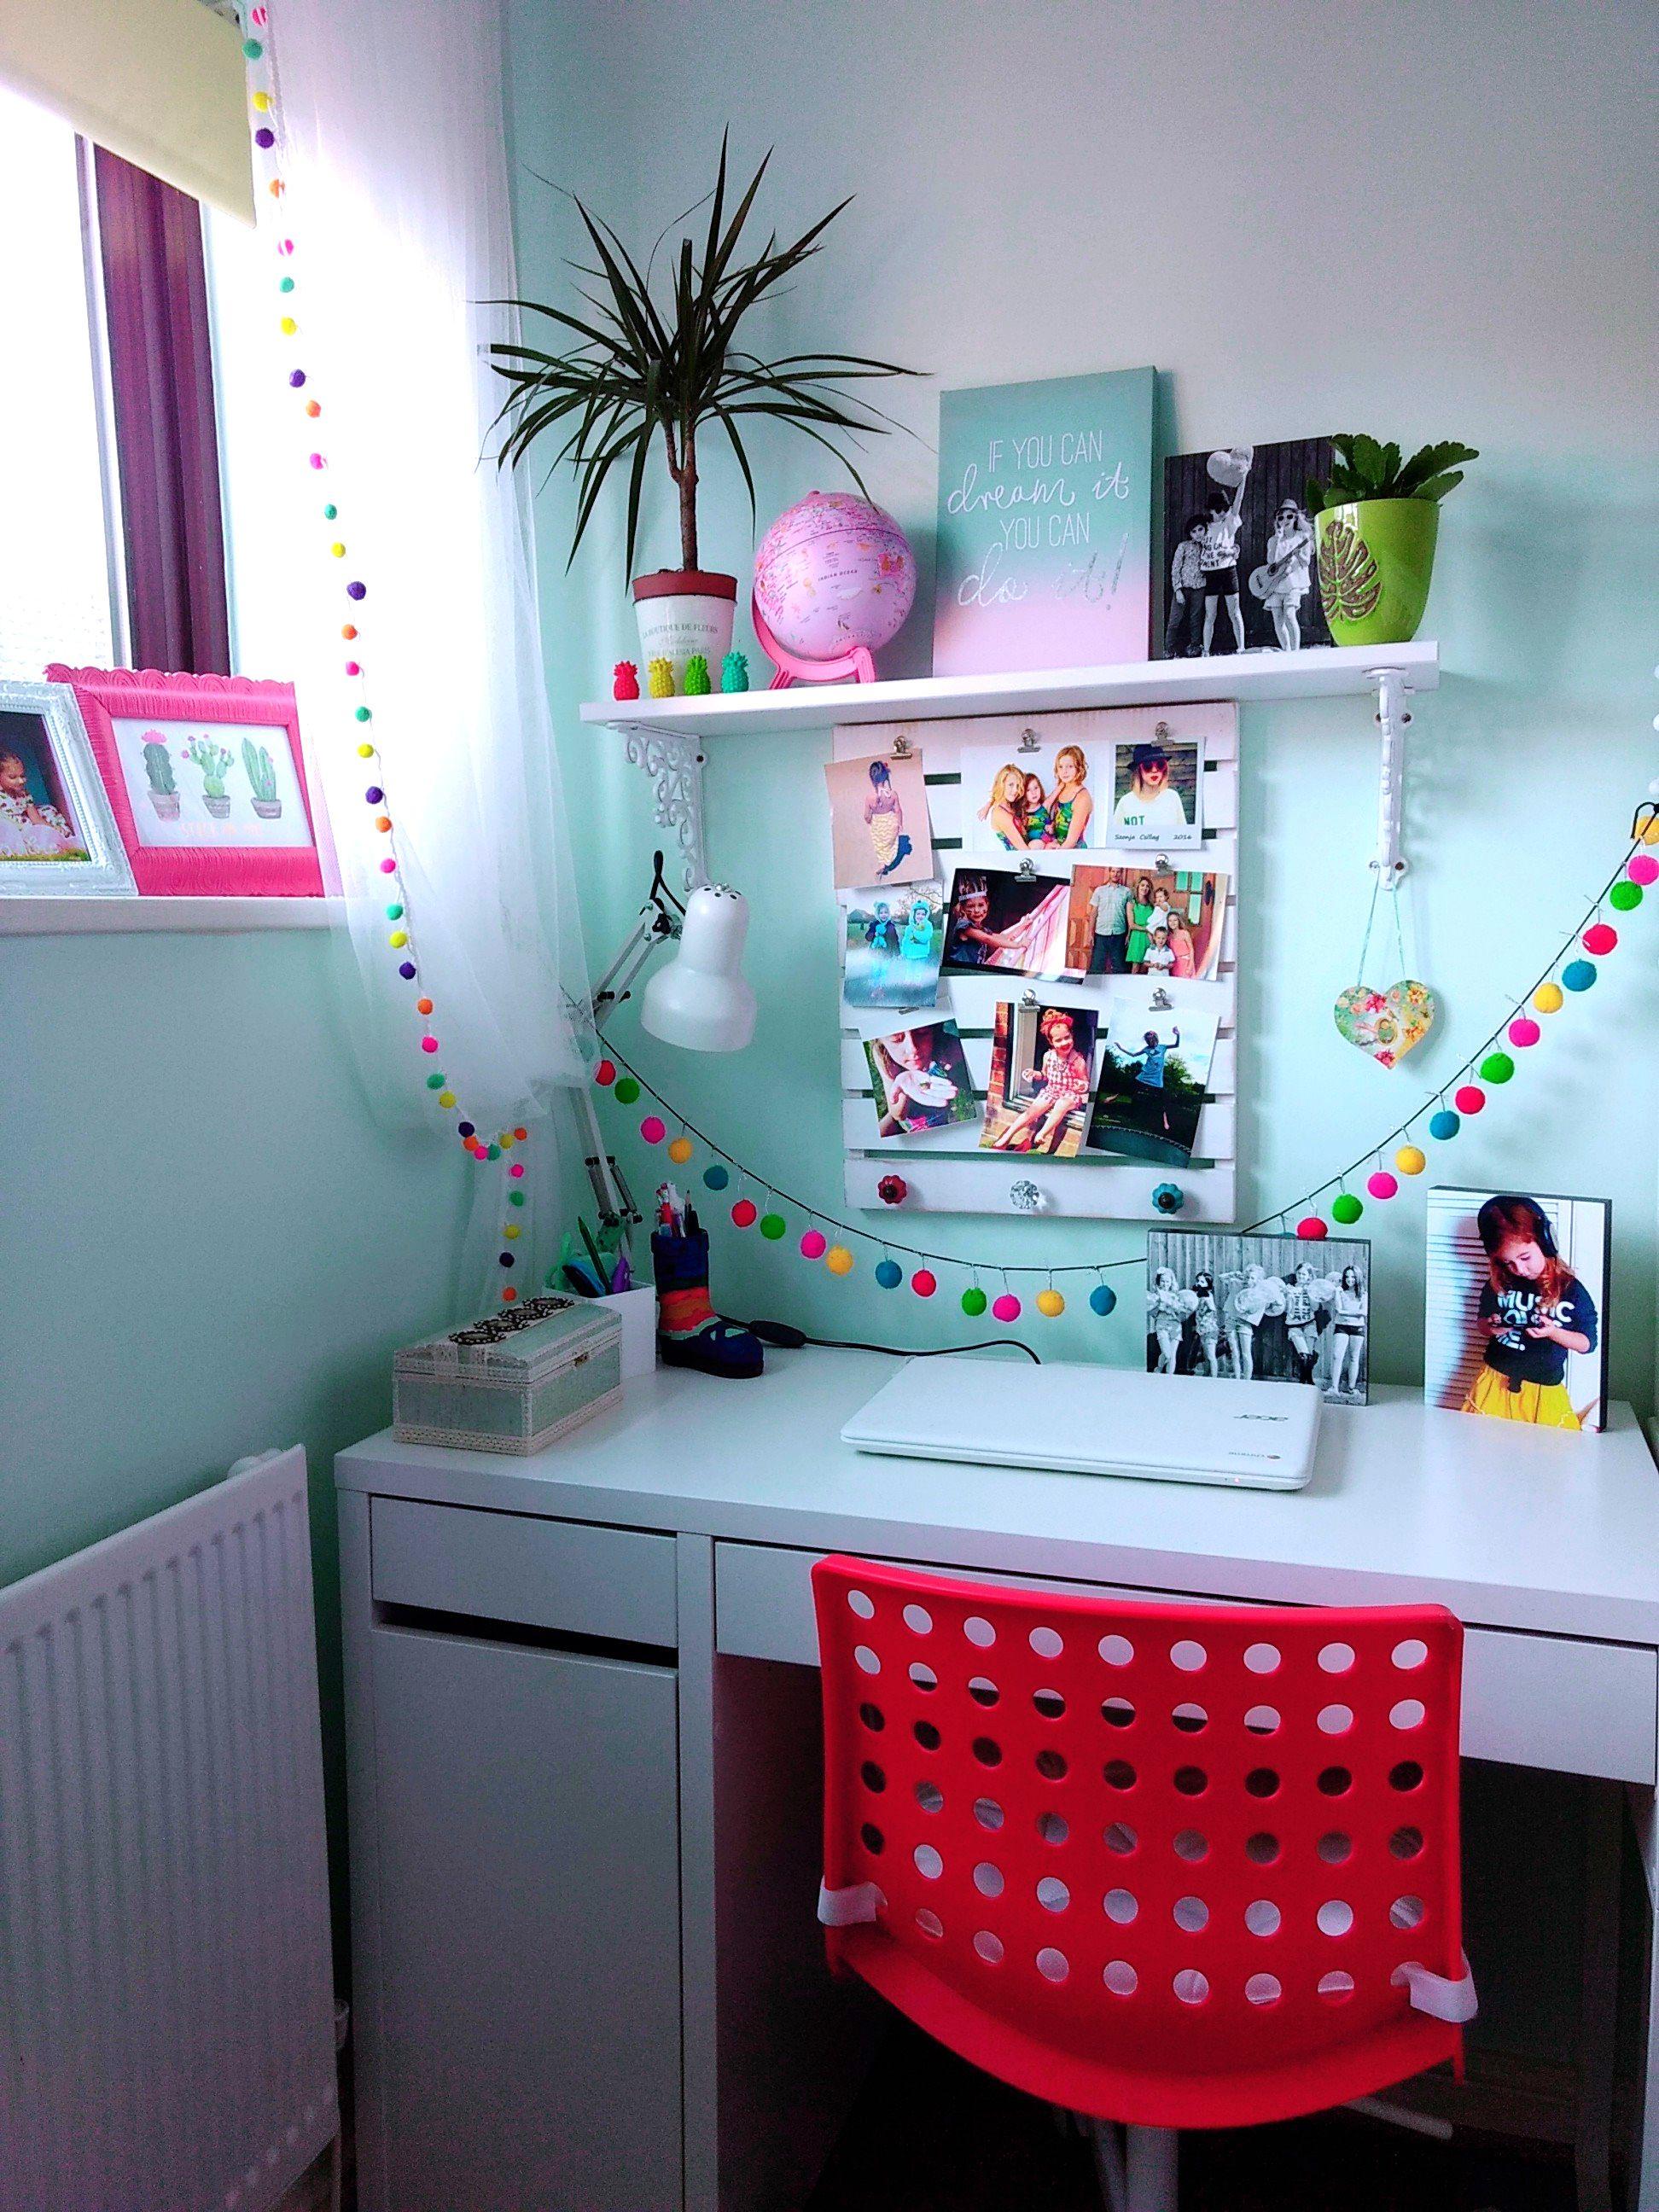 Ikea Micke Desk In My Girls Bedroom Ikea Kids Room Bedroom Desk Organization Ikea Micke